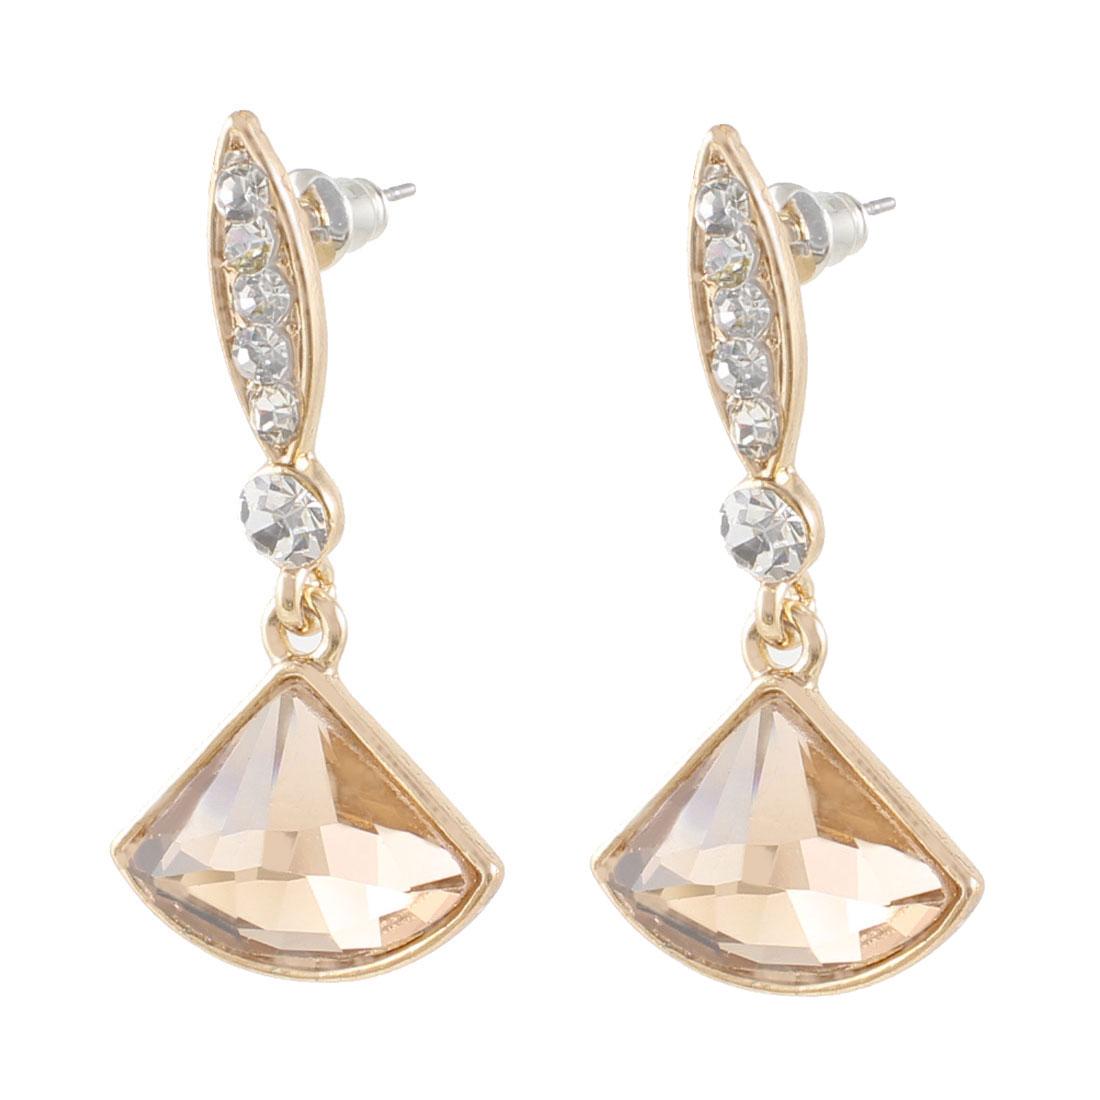 Ladies Women Gift Faux Craystal Gold Tone Stud Eardrop Earrings